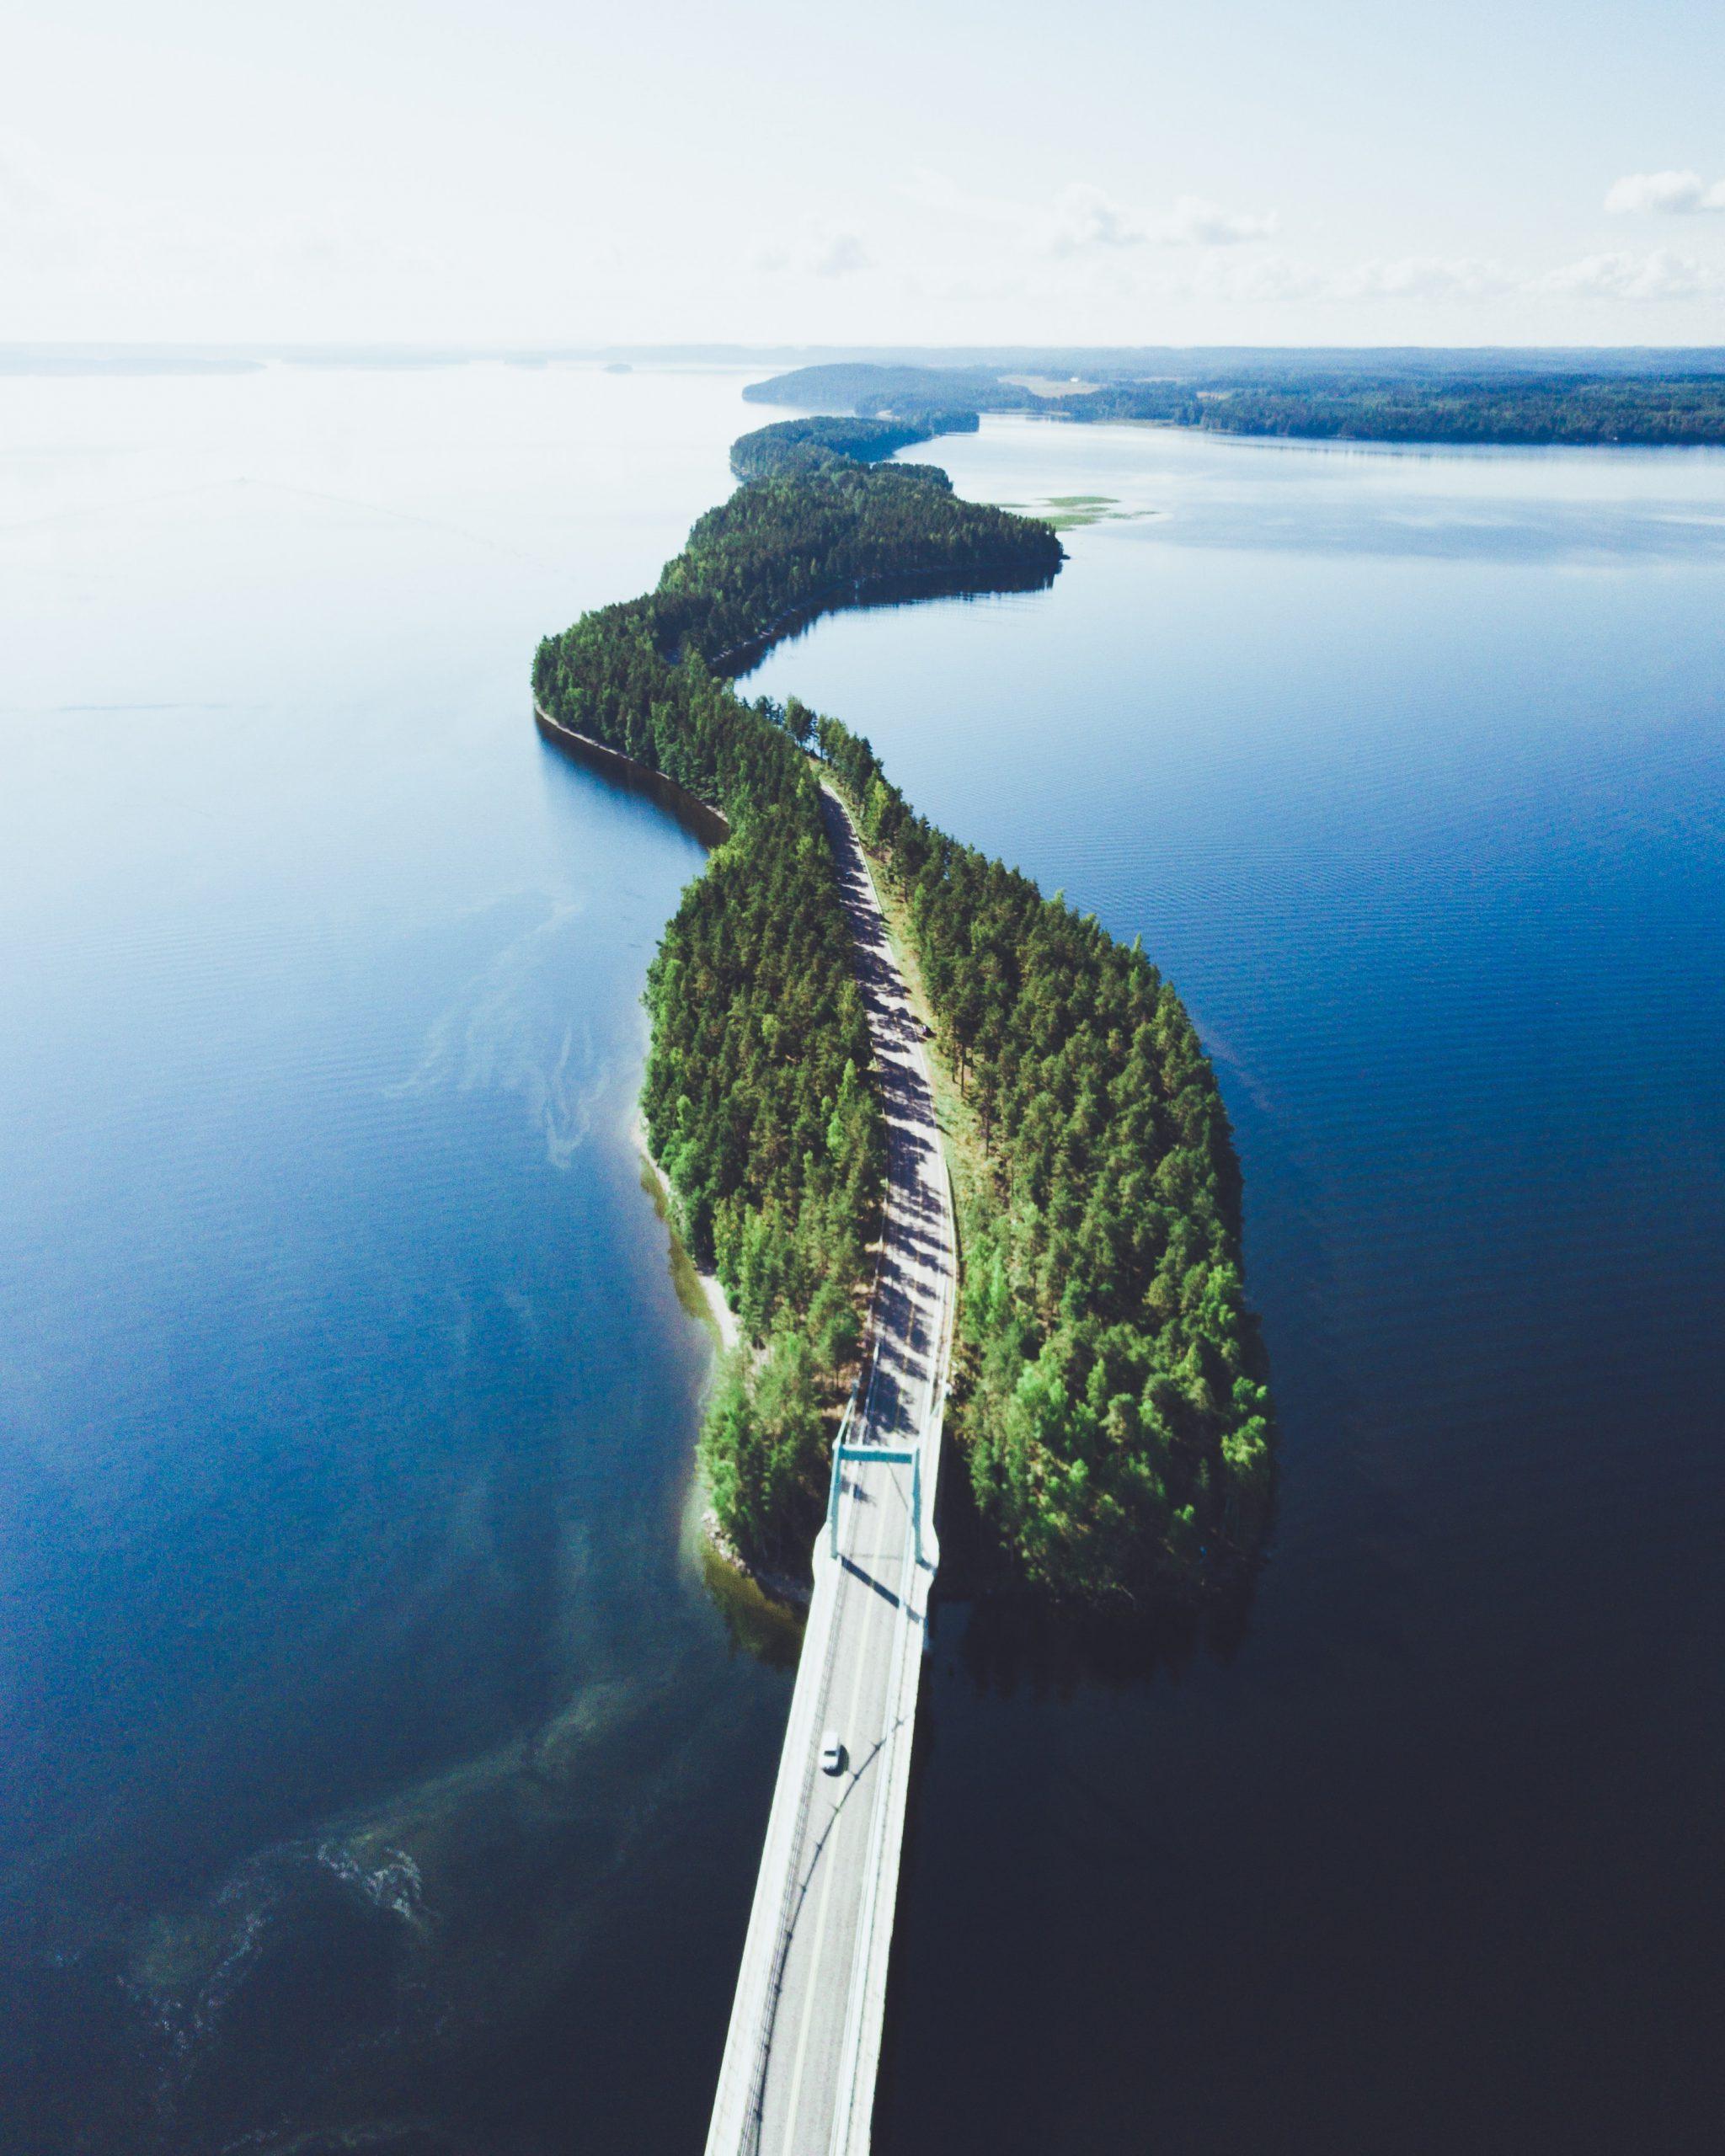 Nachhaltigkeit - was wir uns von unseren nordischen Nachbarn abschauen können